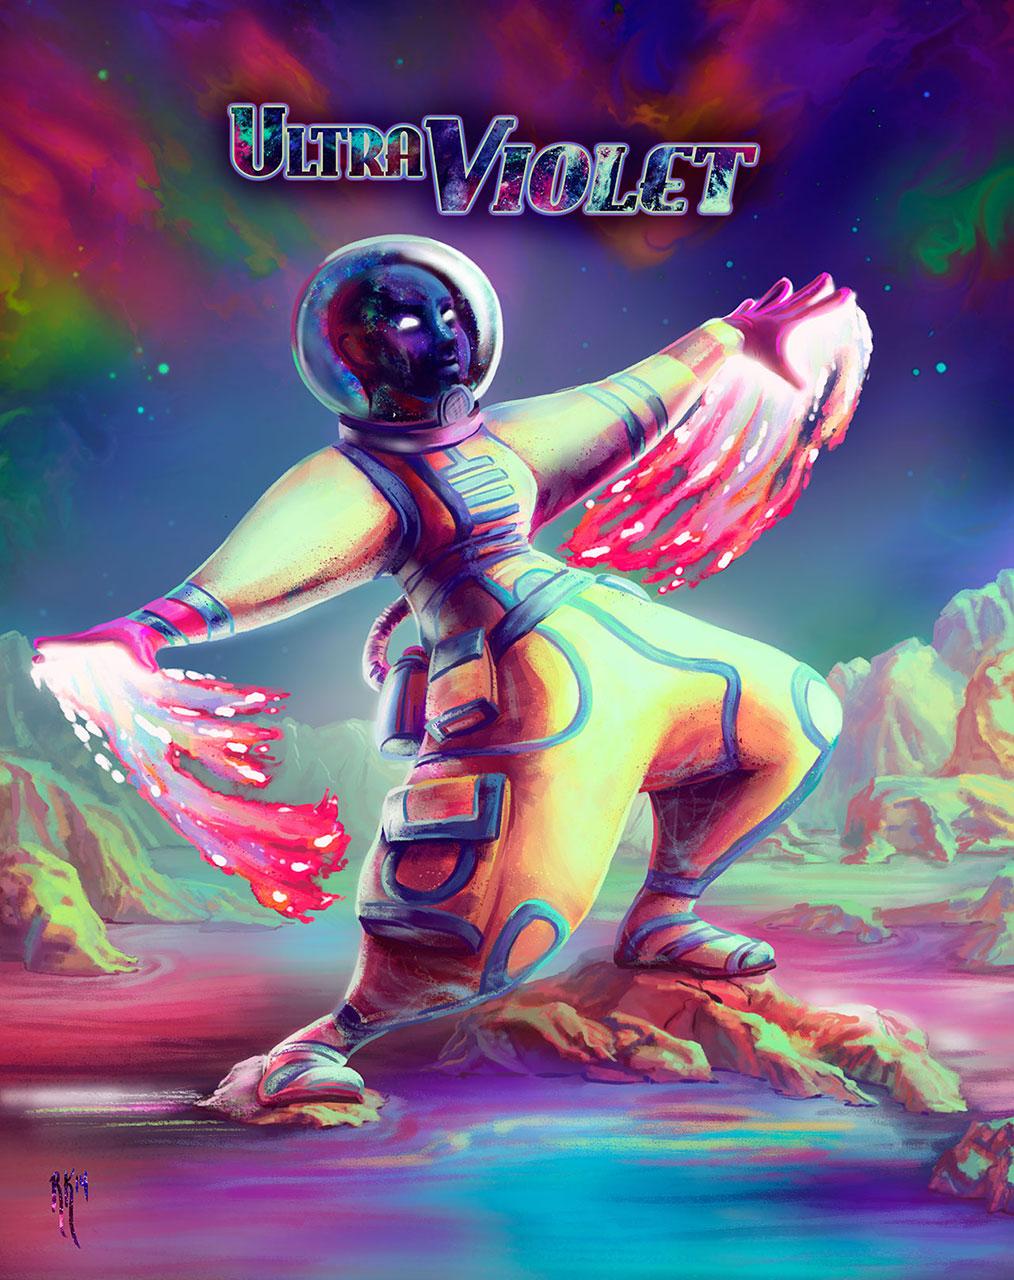 Ultra Violet!